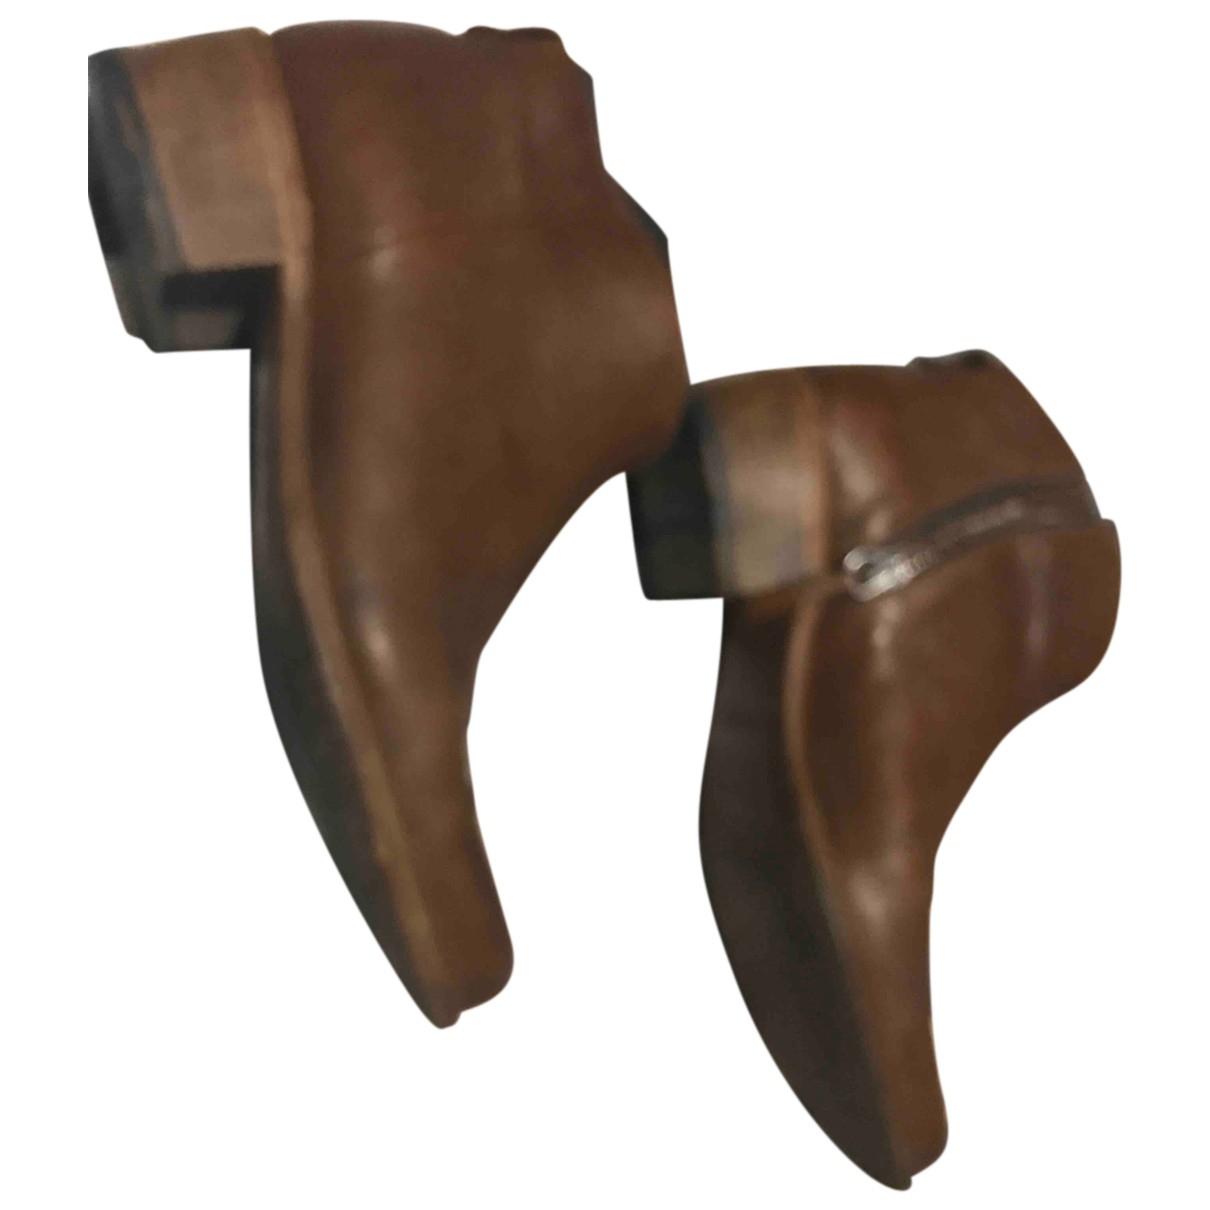 Heschung - Boots   pour femme en cuir - camel